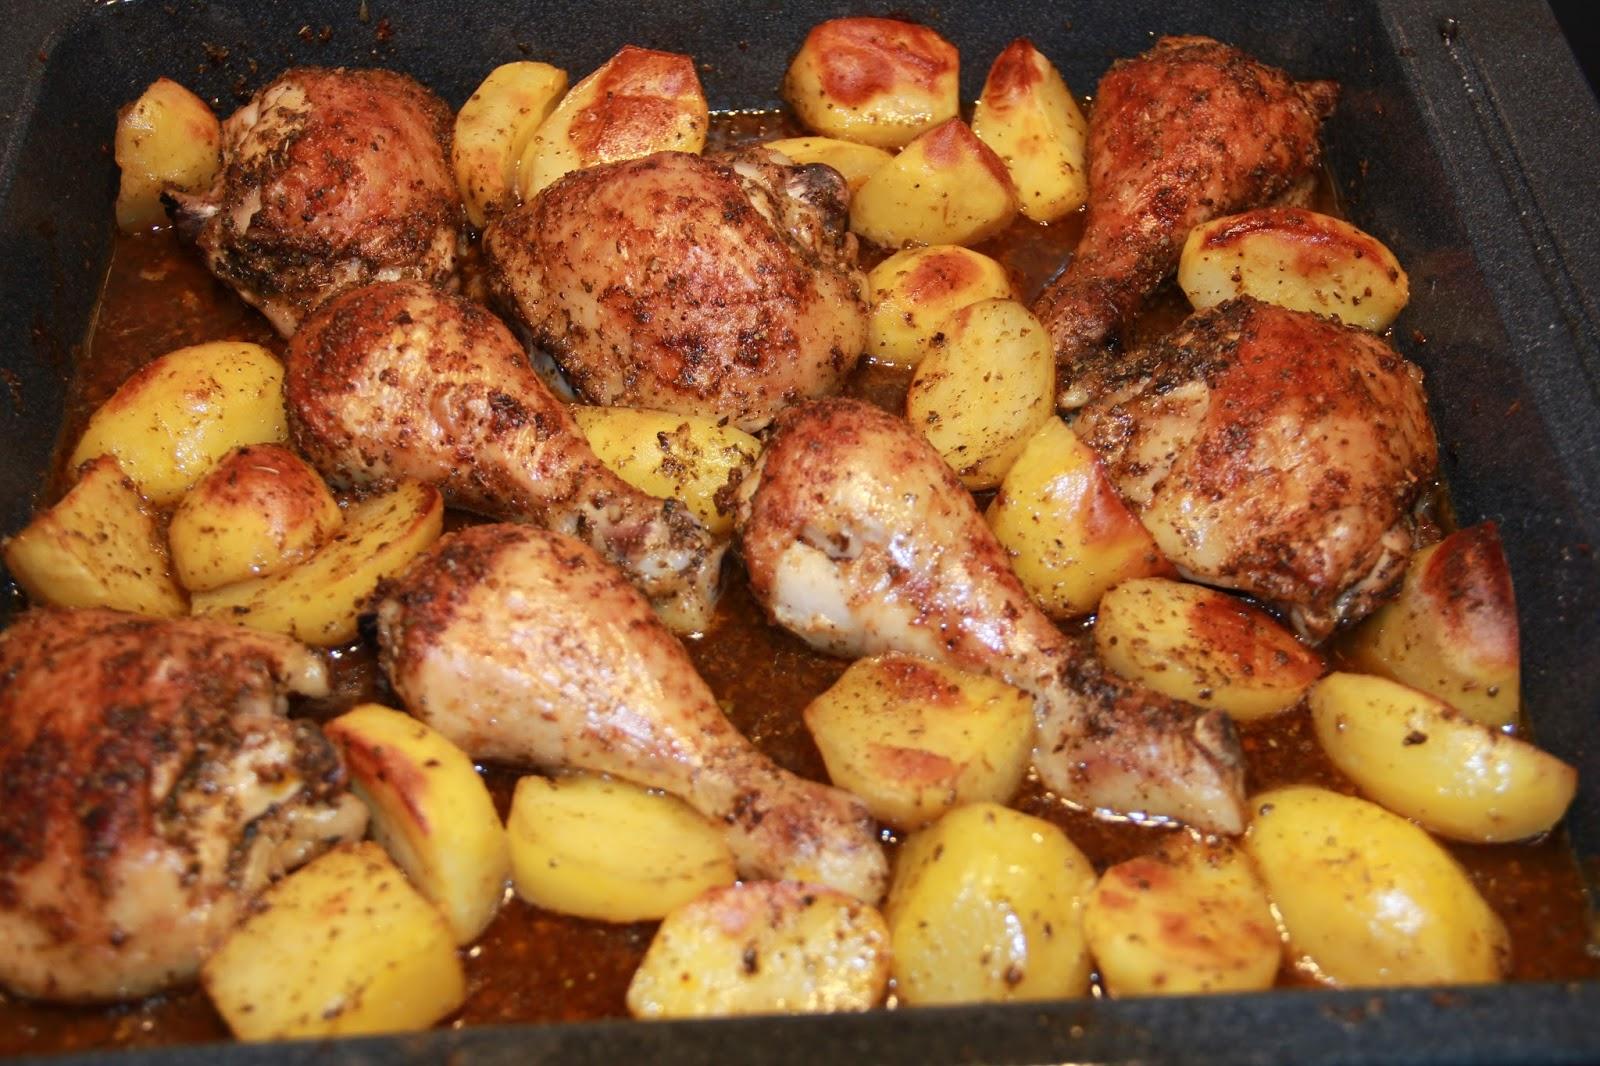 Курица запеченная в духовке целиком - пошаговый рецепт